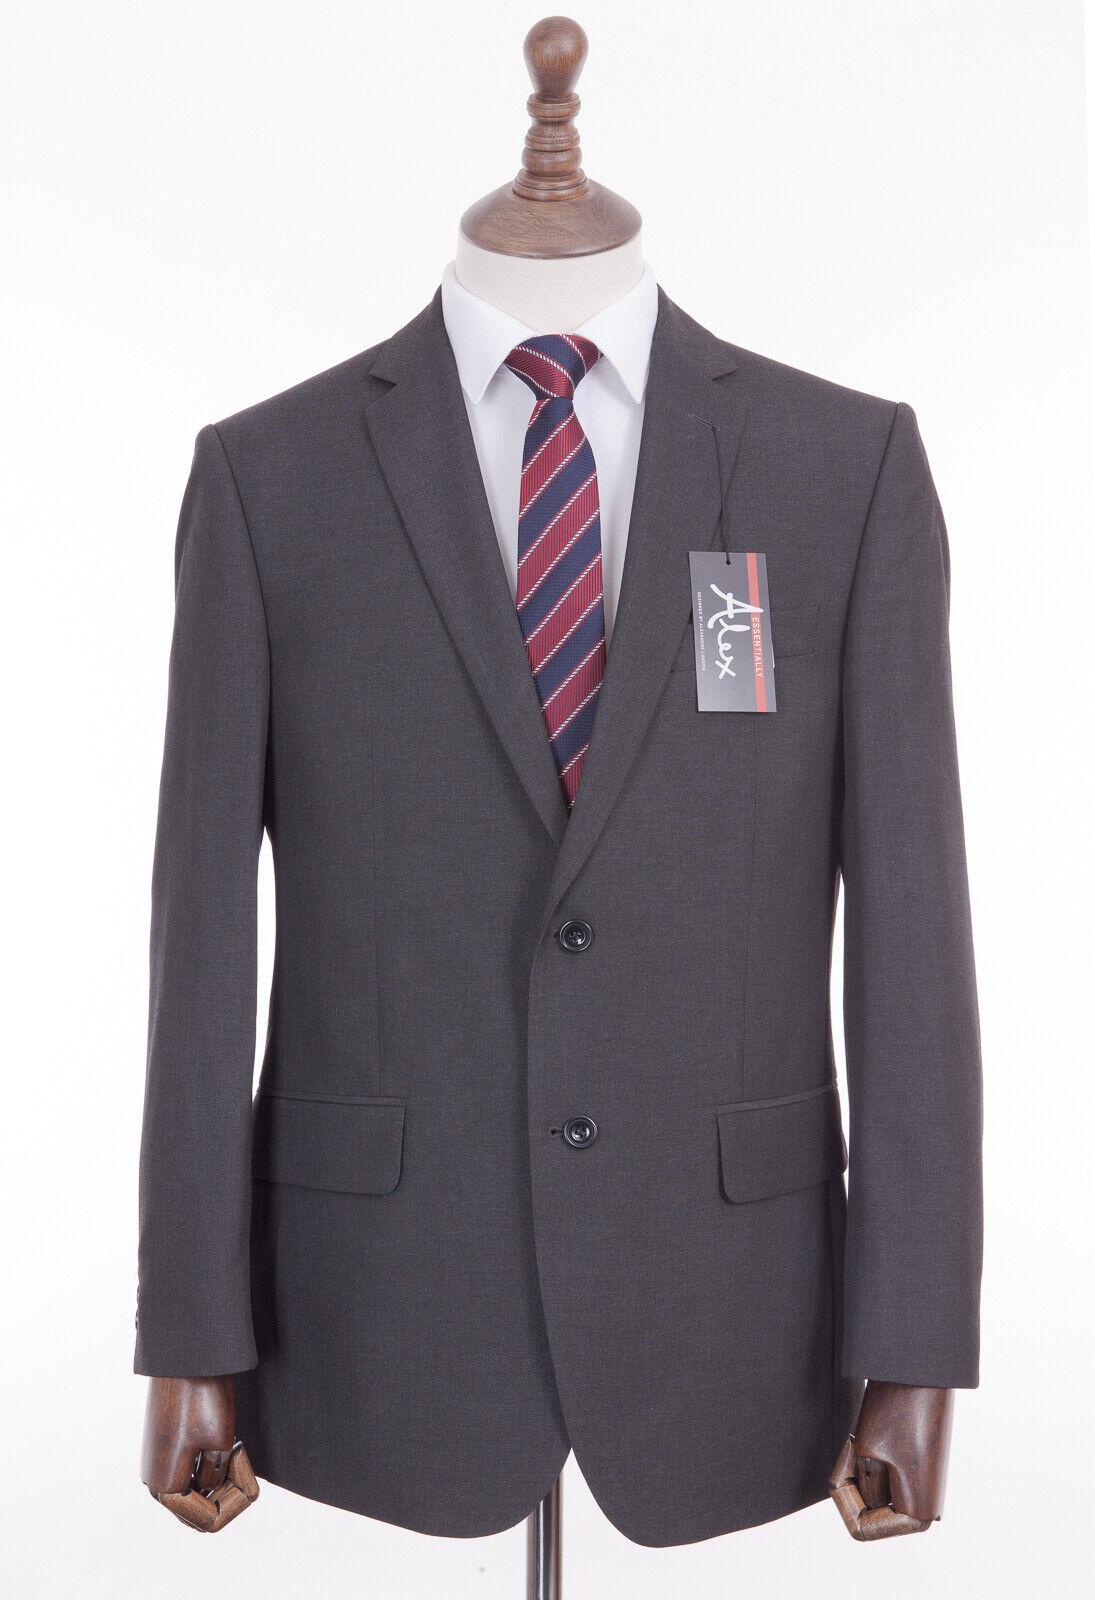 Men's Suit Alexandre London grau 2 2 2 Piece Regular Fit Suit 46R W38 L29 413